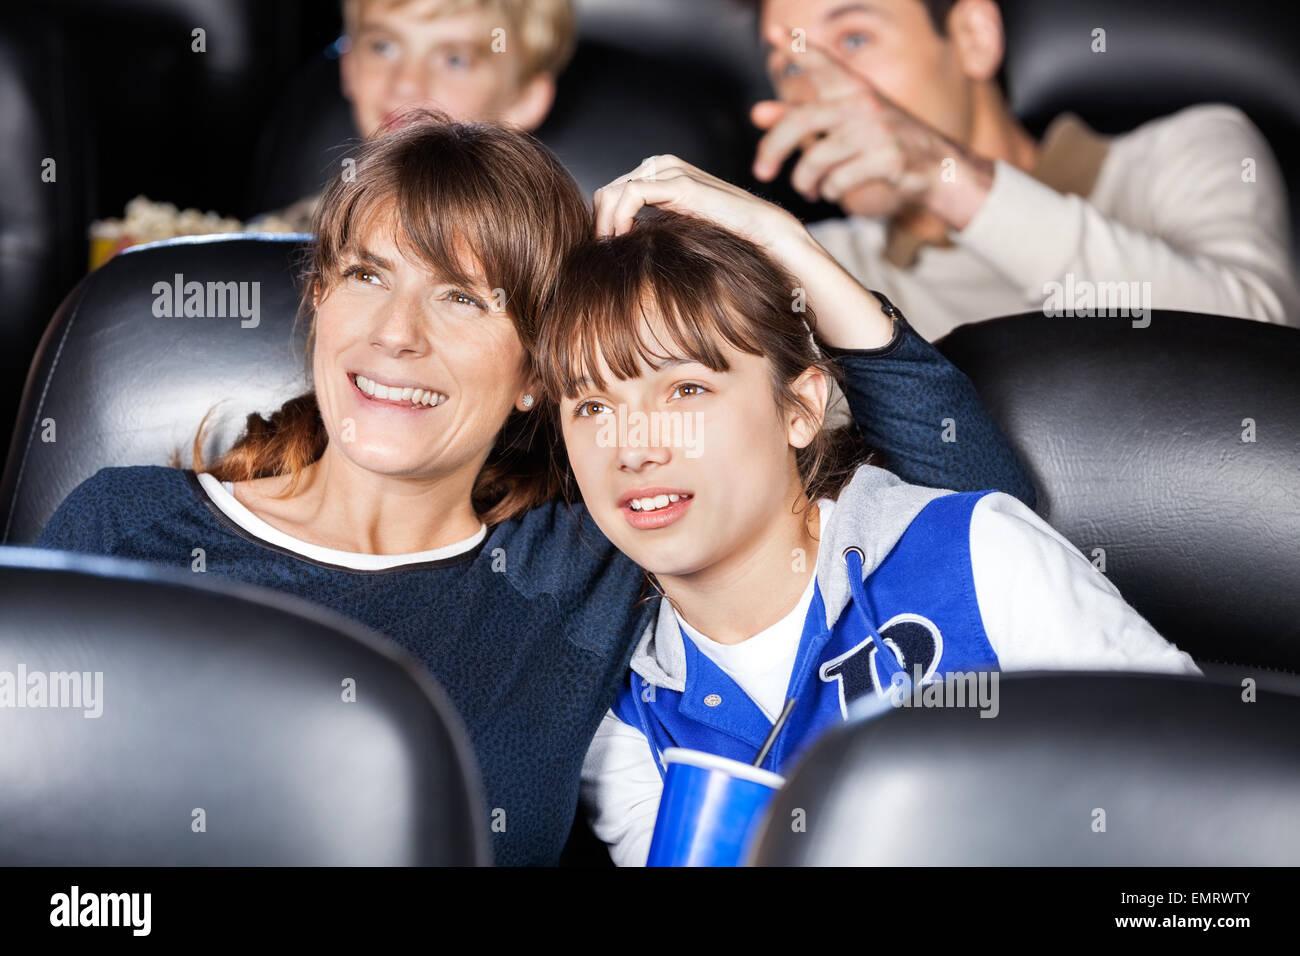 Mutter und Tochter gerade Film im Theater Stockfoto